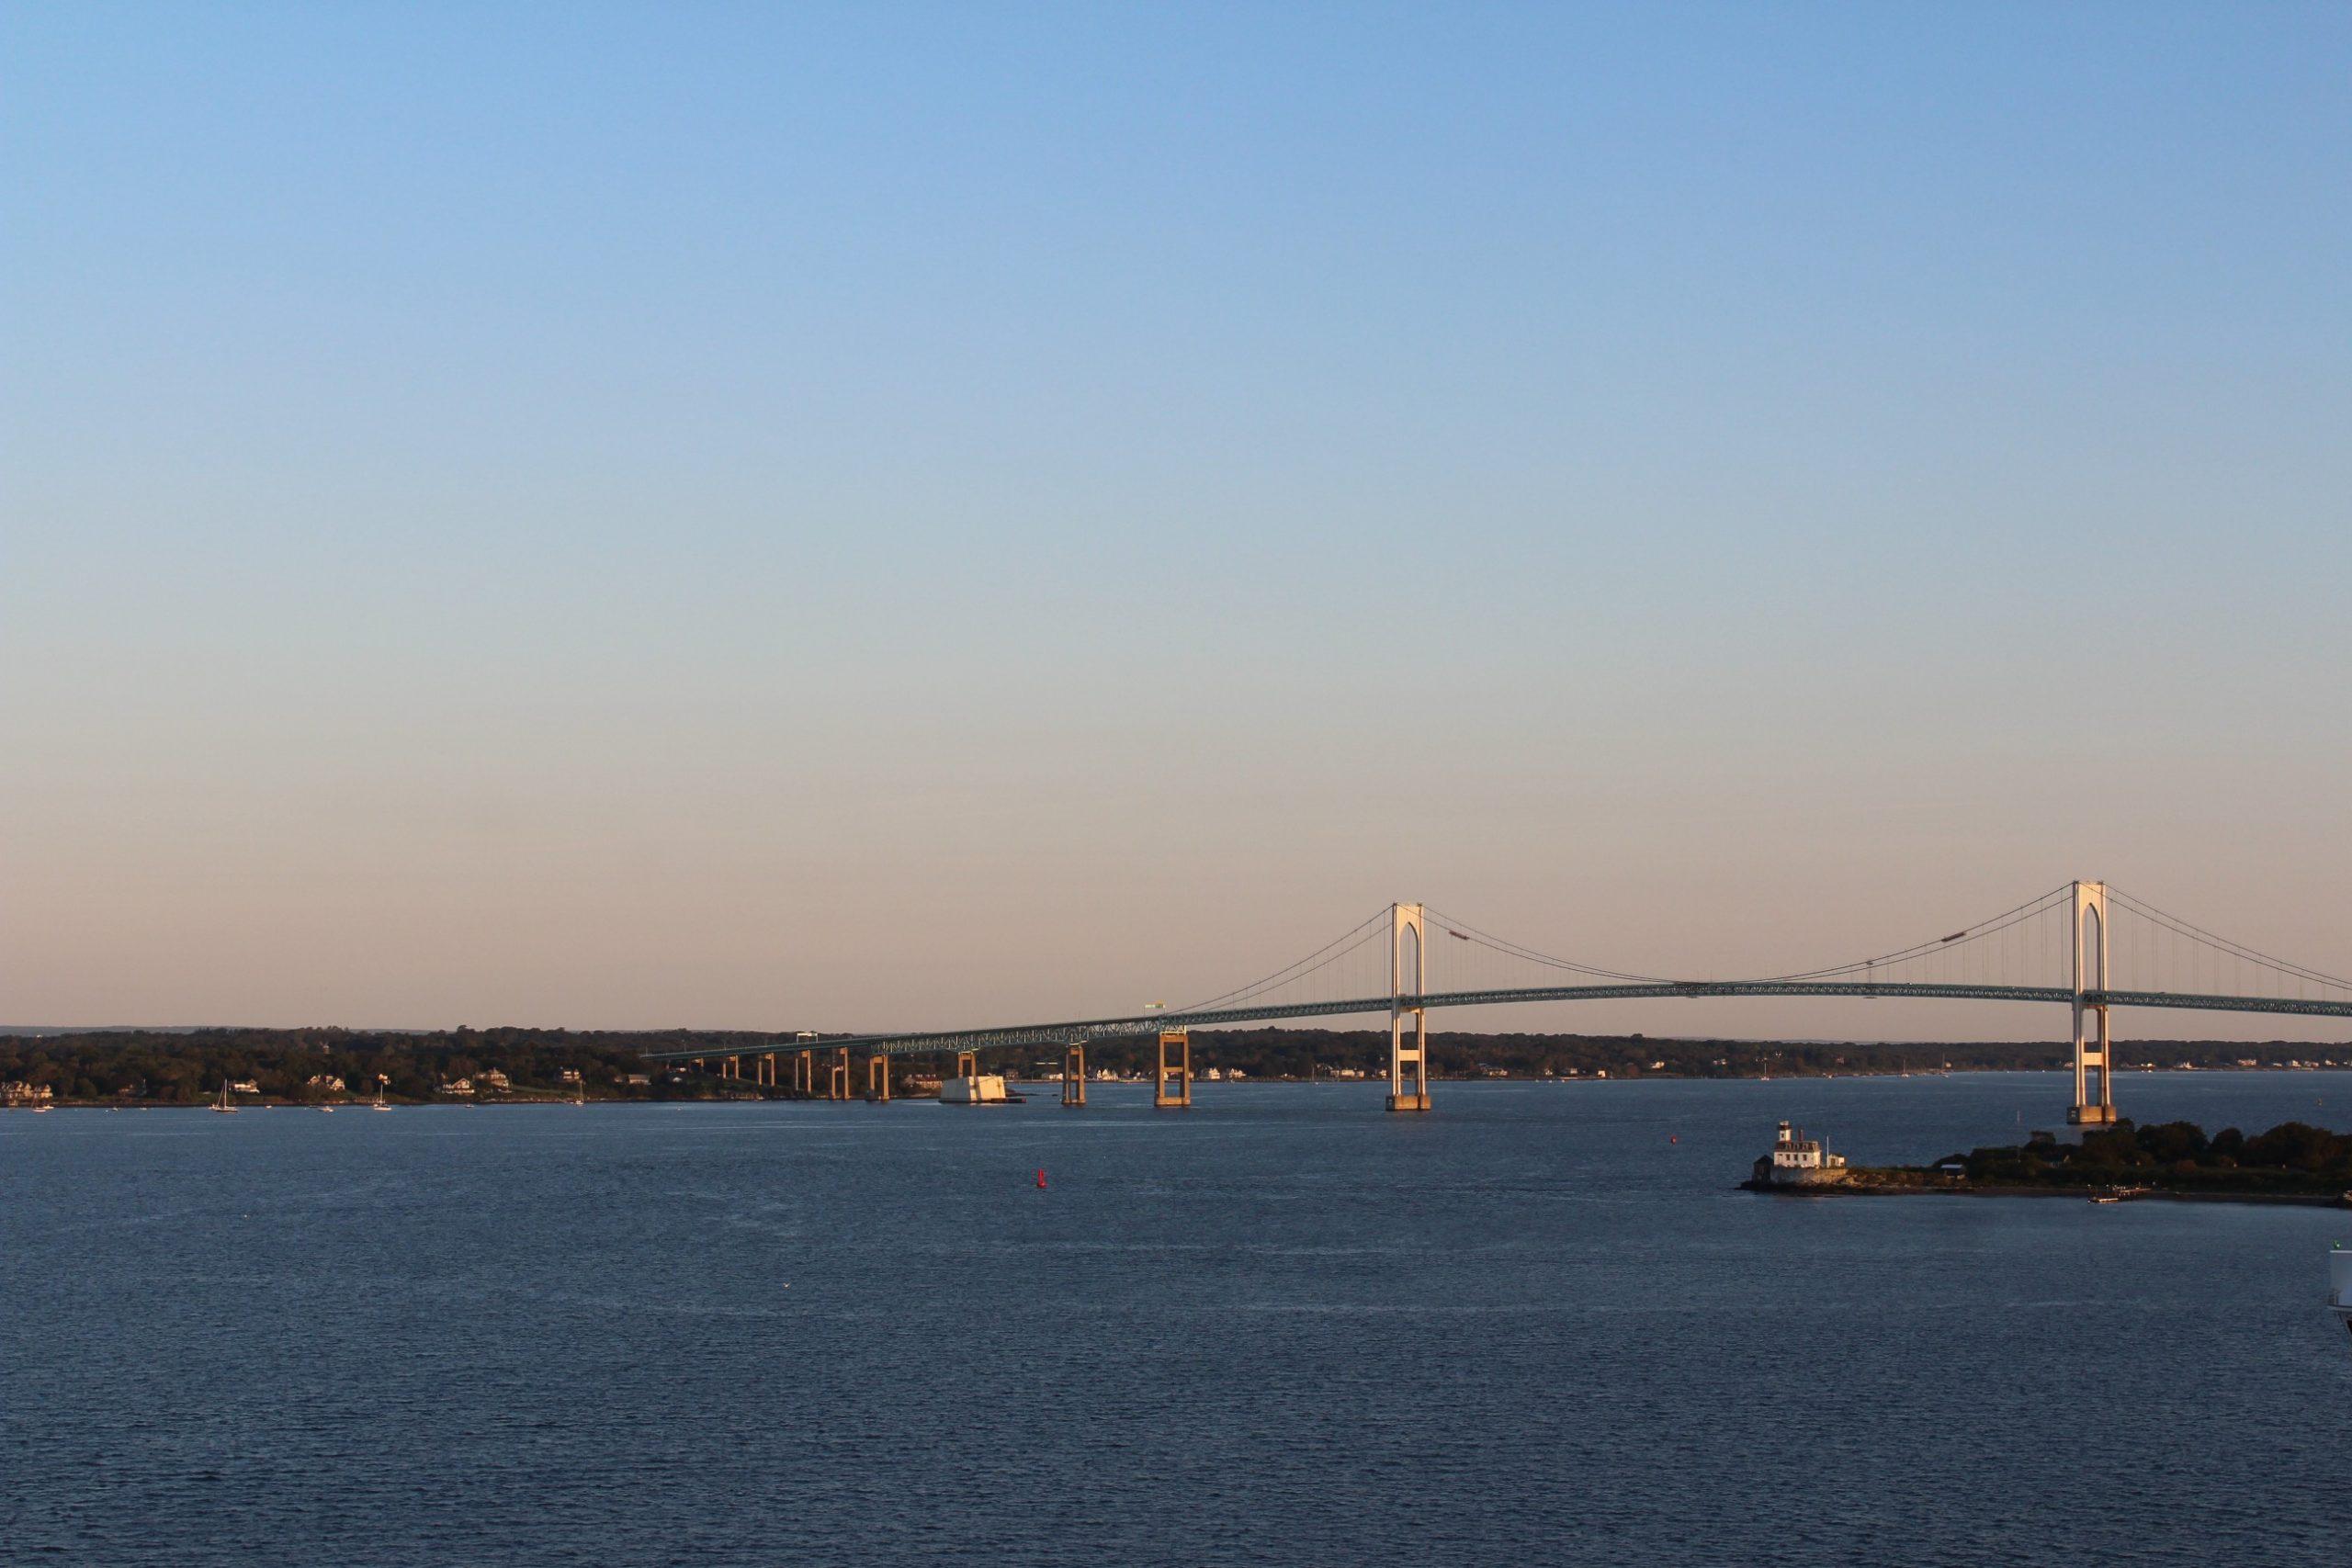 The Verrazzano-Narrows Bridge